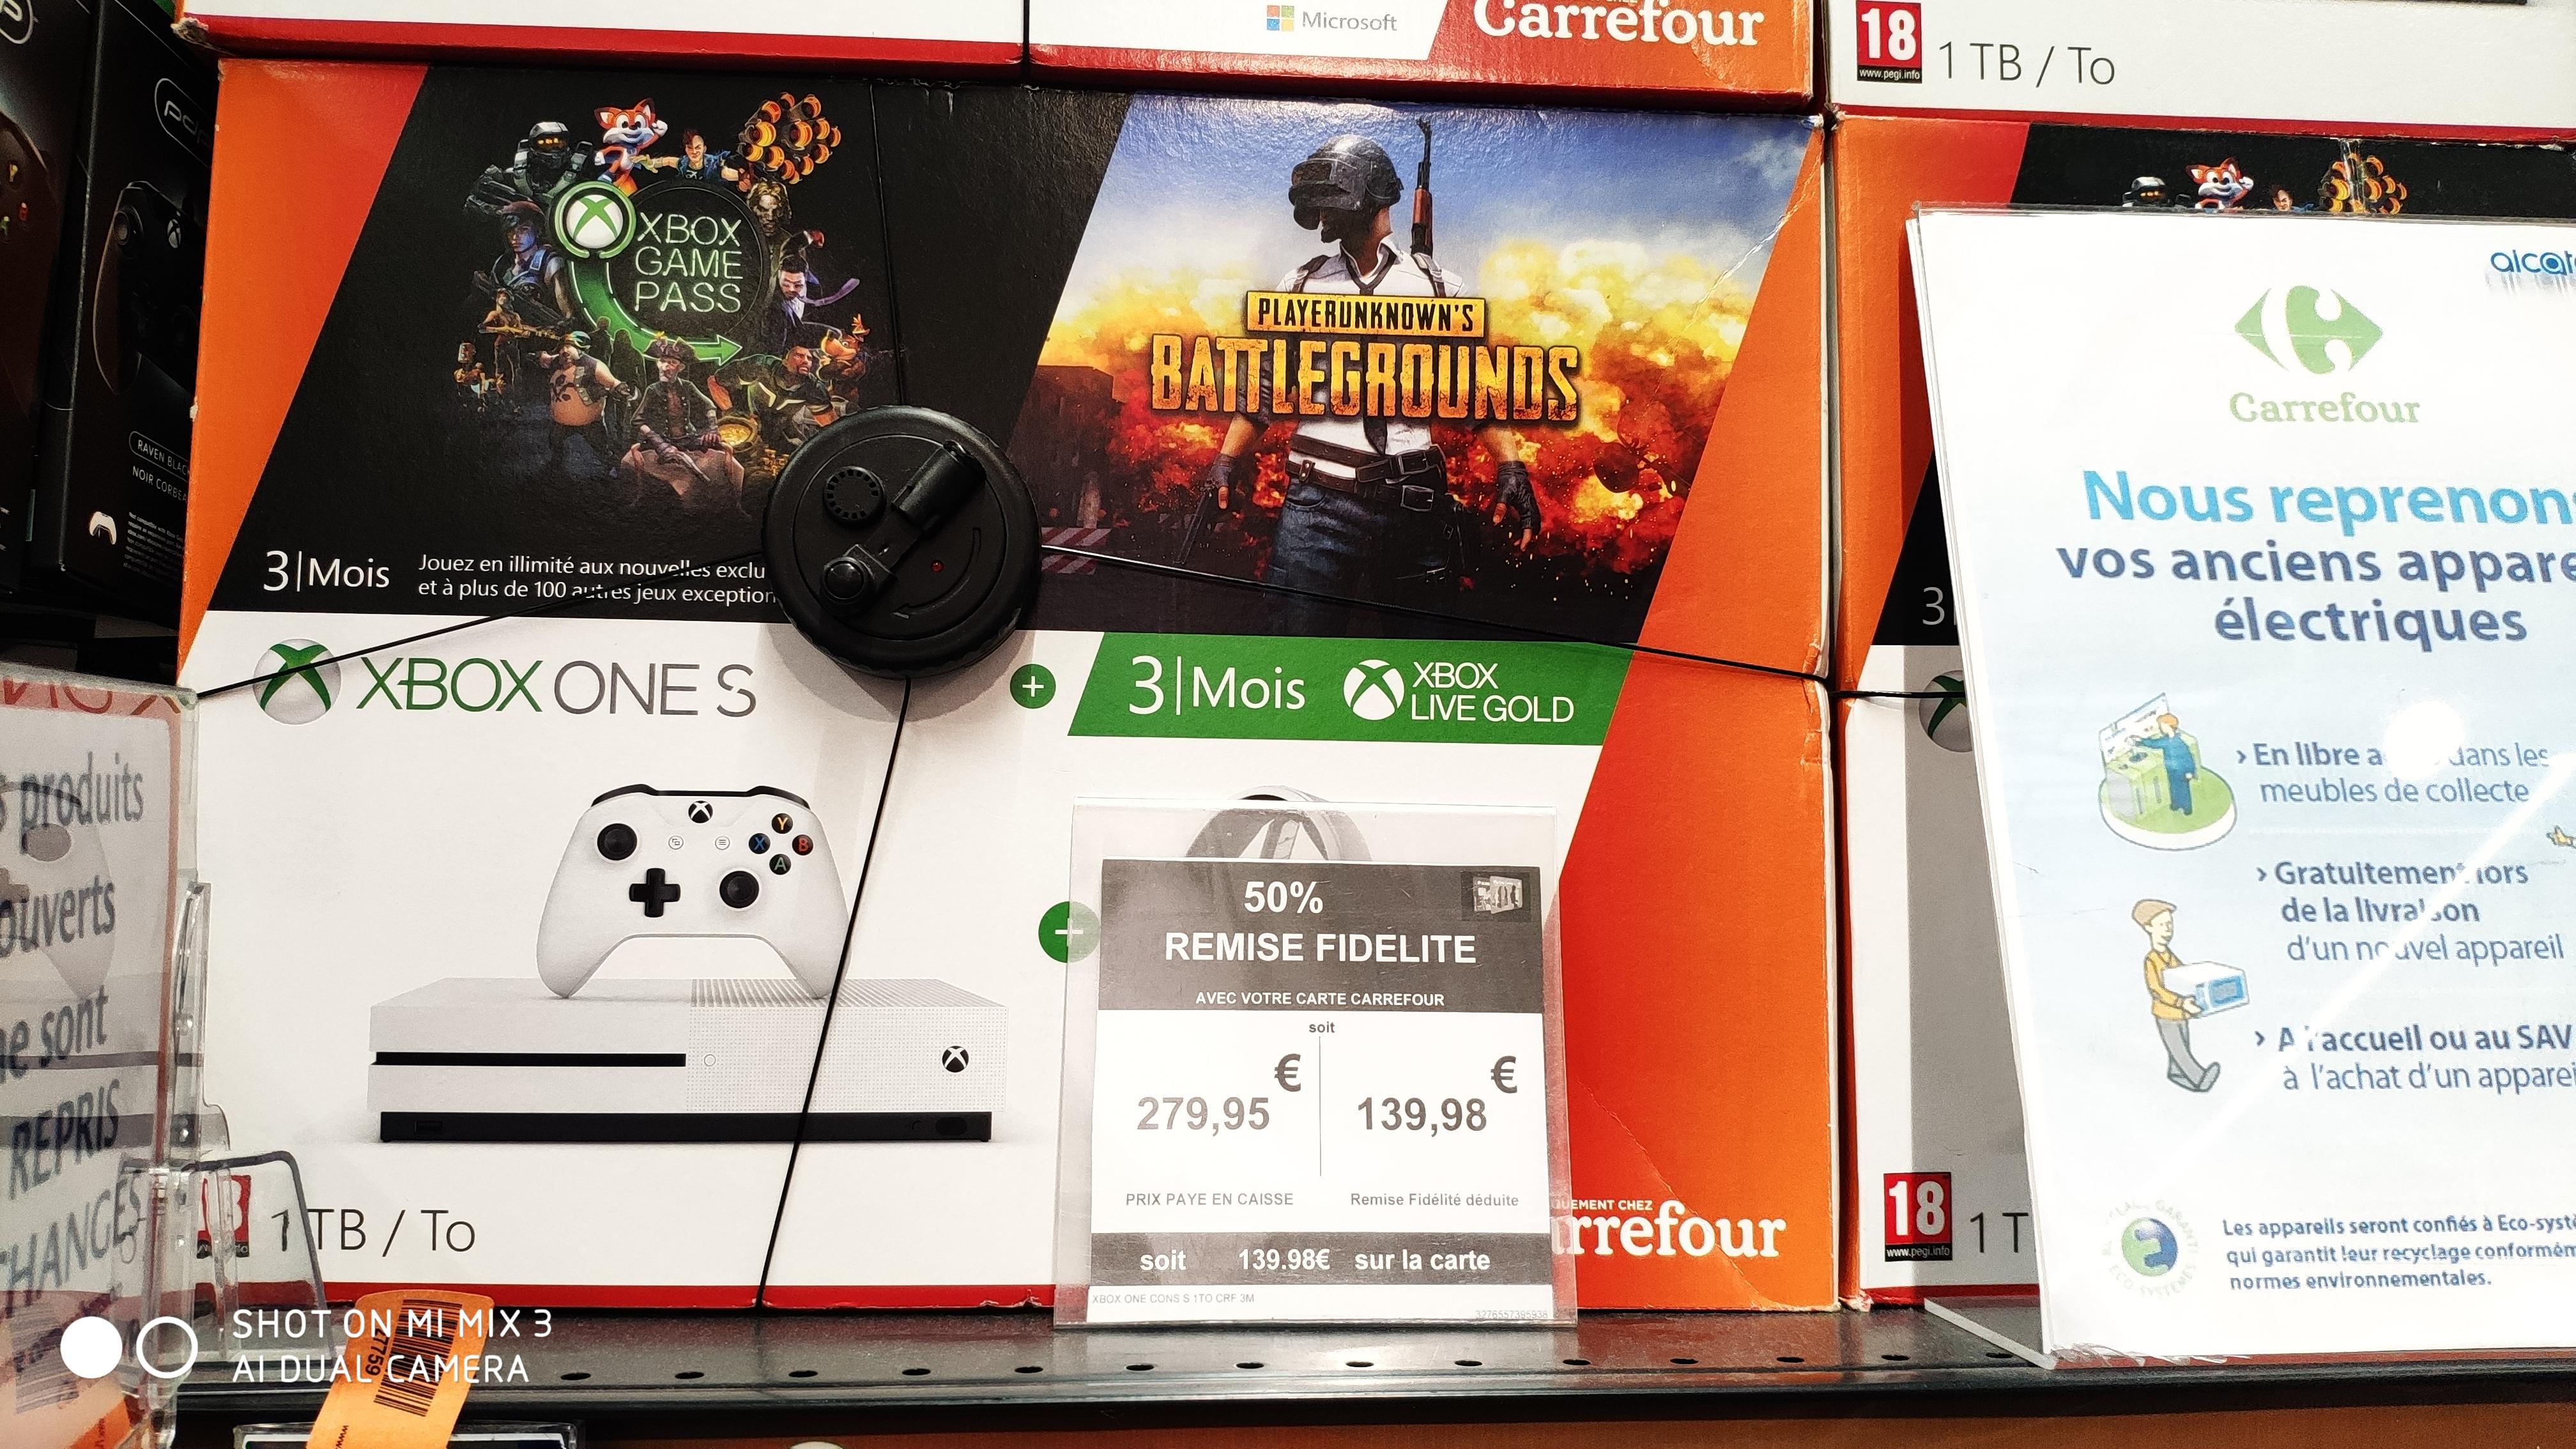 Pack console Microsoft Xbox One S (1 To) + PUBG + 3 mois d'Xbox Game Pass (via 139.98€ sur la carte de fidélité) - Tourville-la-Rivière (76)